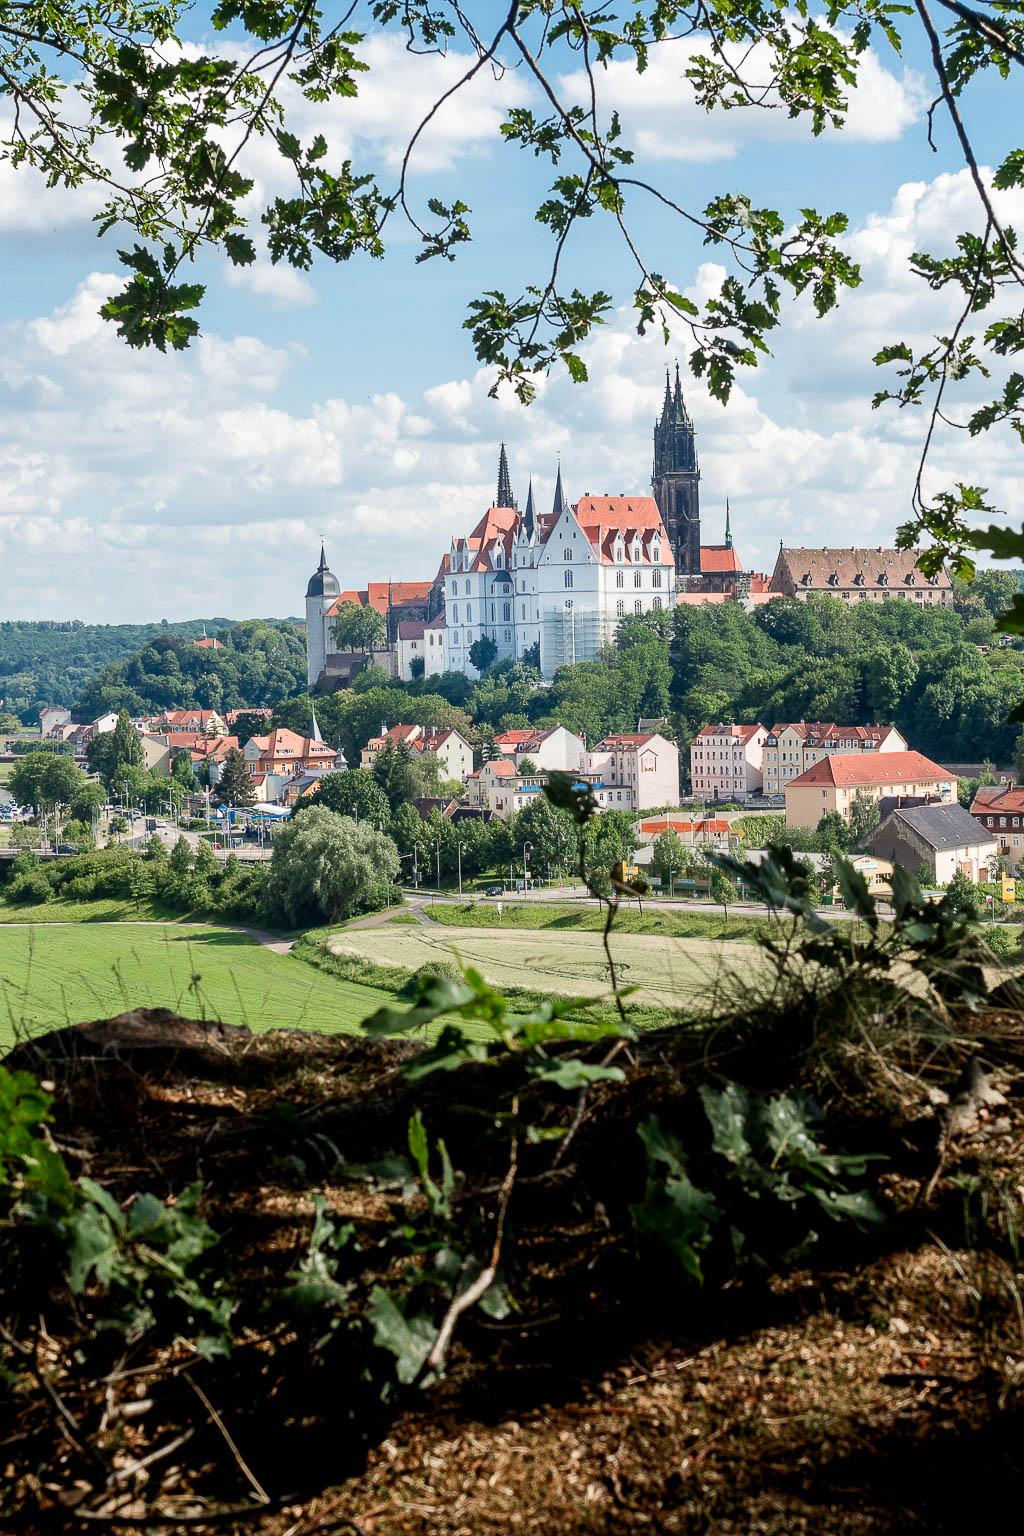 Blick auf die Albrechtsburg Wanderweg von Meißen durch die Weinberge zur Bennokanzel